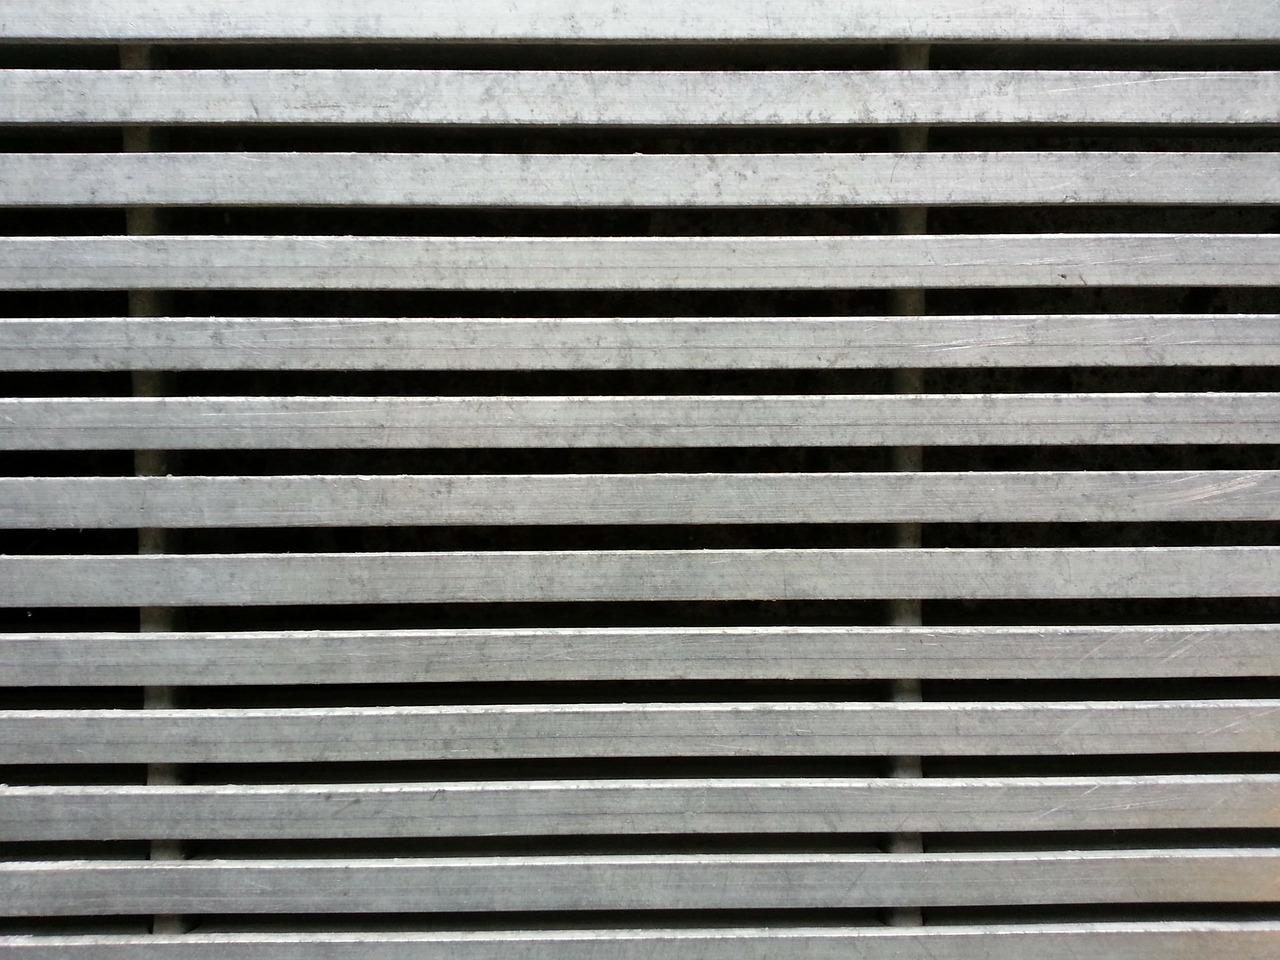 כל היתרונות של חיפוי קירות באלומיניום